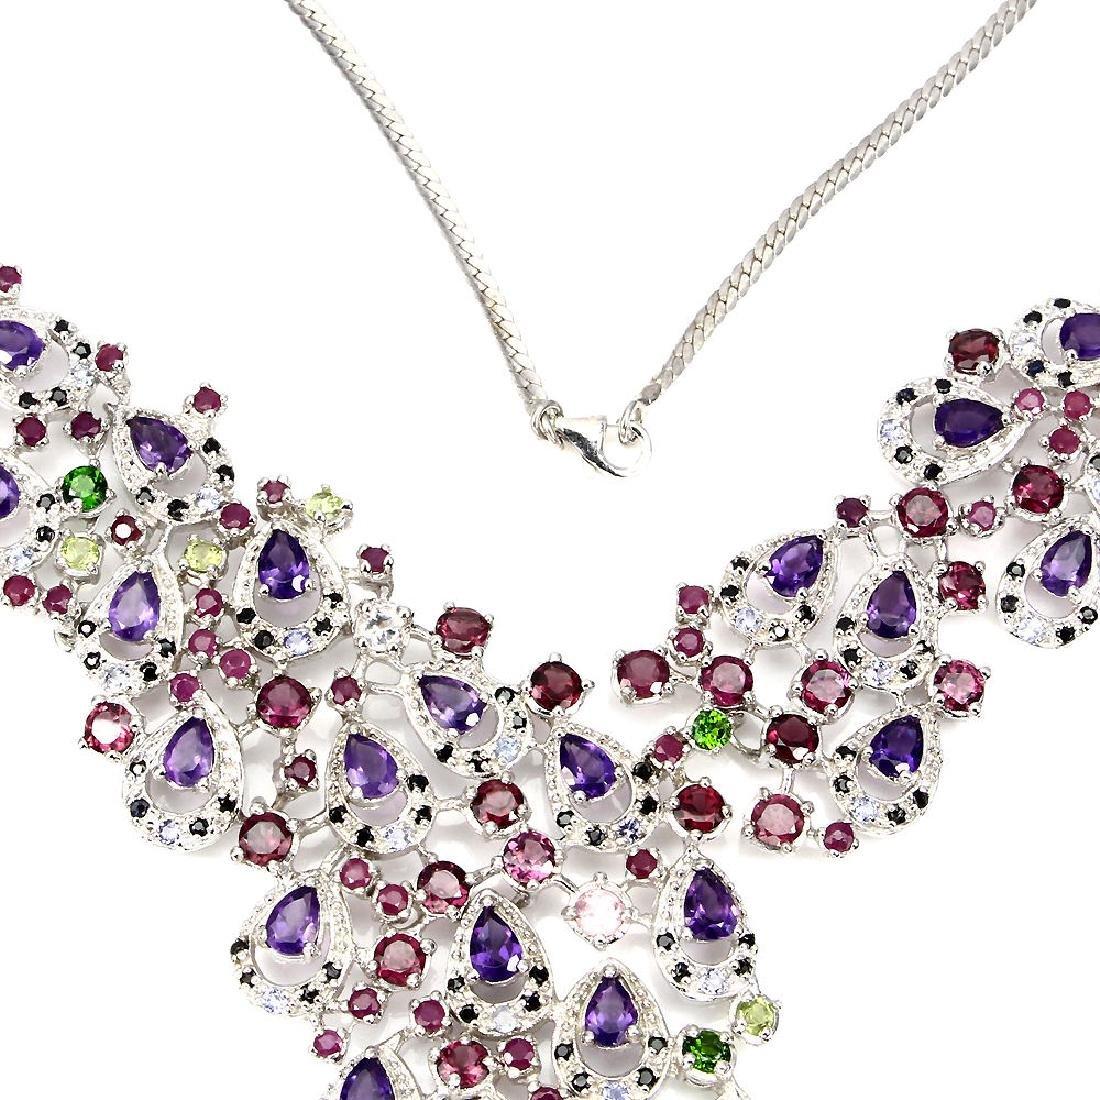 Natural Burmese Spinel & Multi Gemstones  Necklace - 3